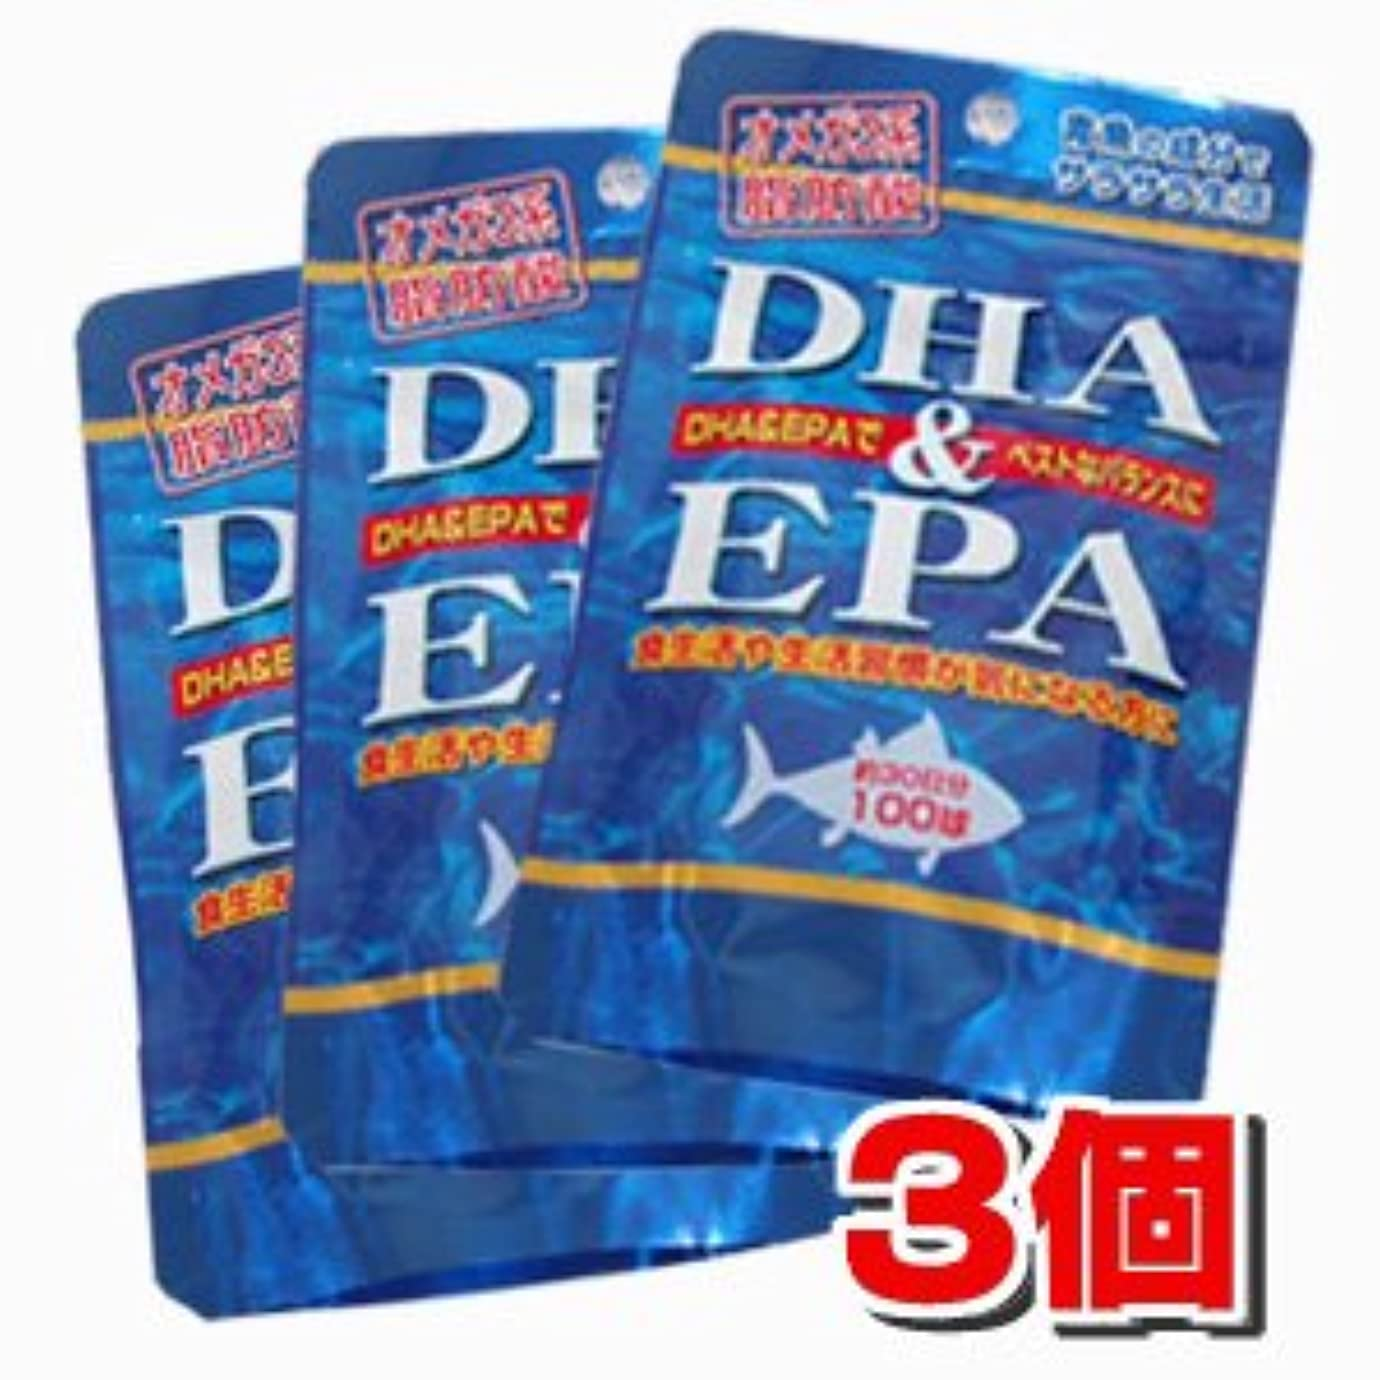 ゴミ箱を空にする慢な生き返らせるDHA(ドコサヘキサエン酸)&EPA(エイコサペンタエン酸)